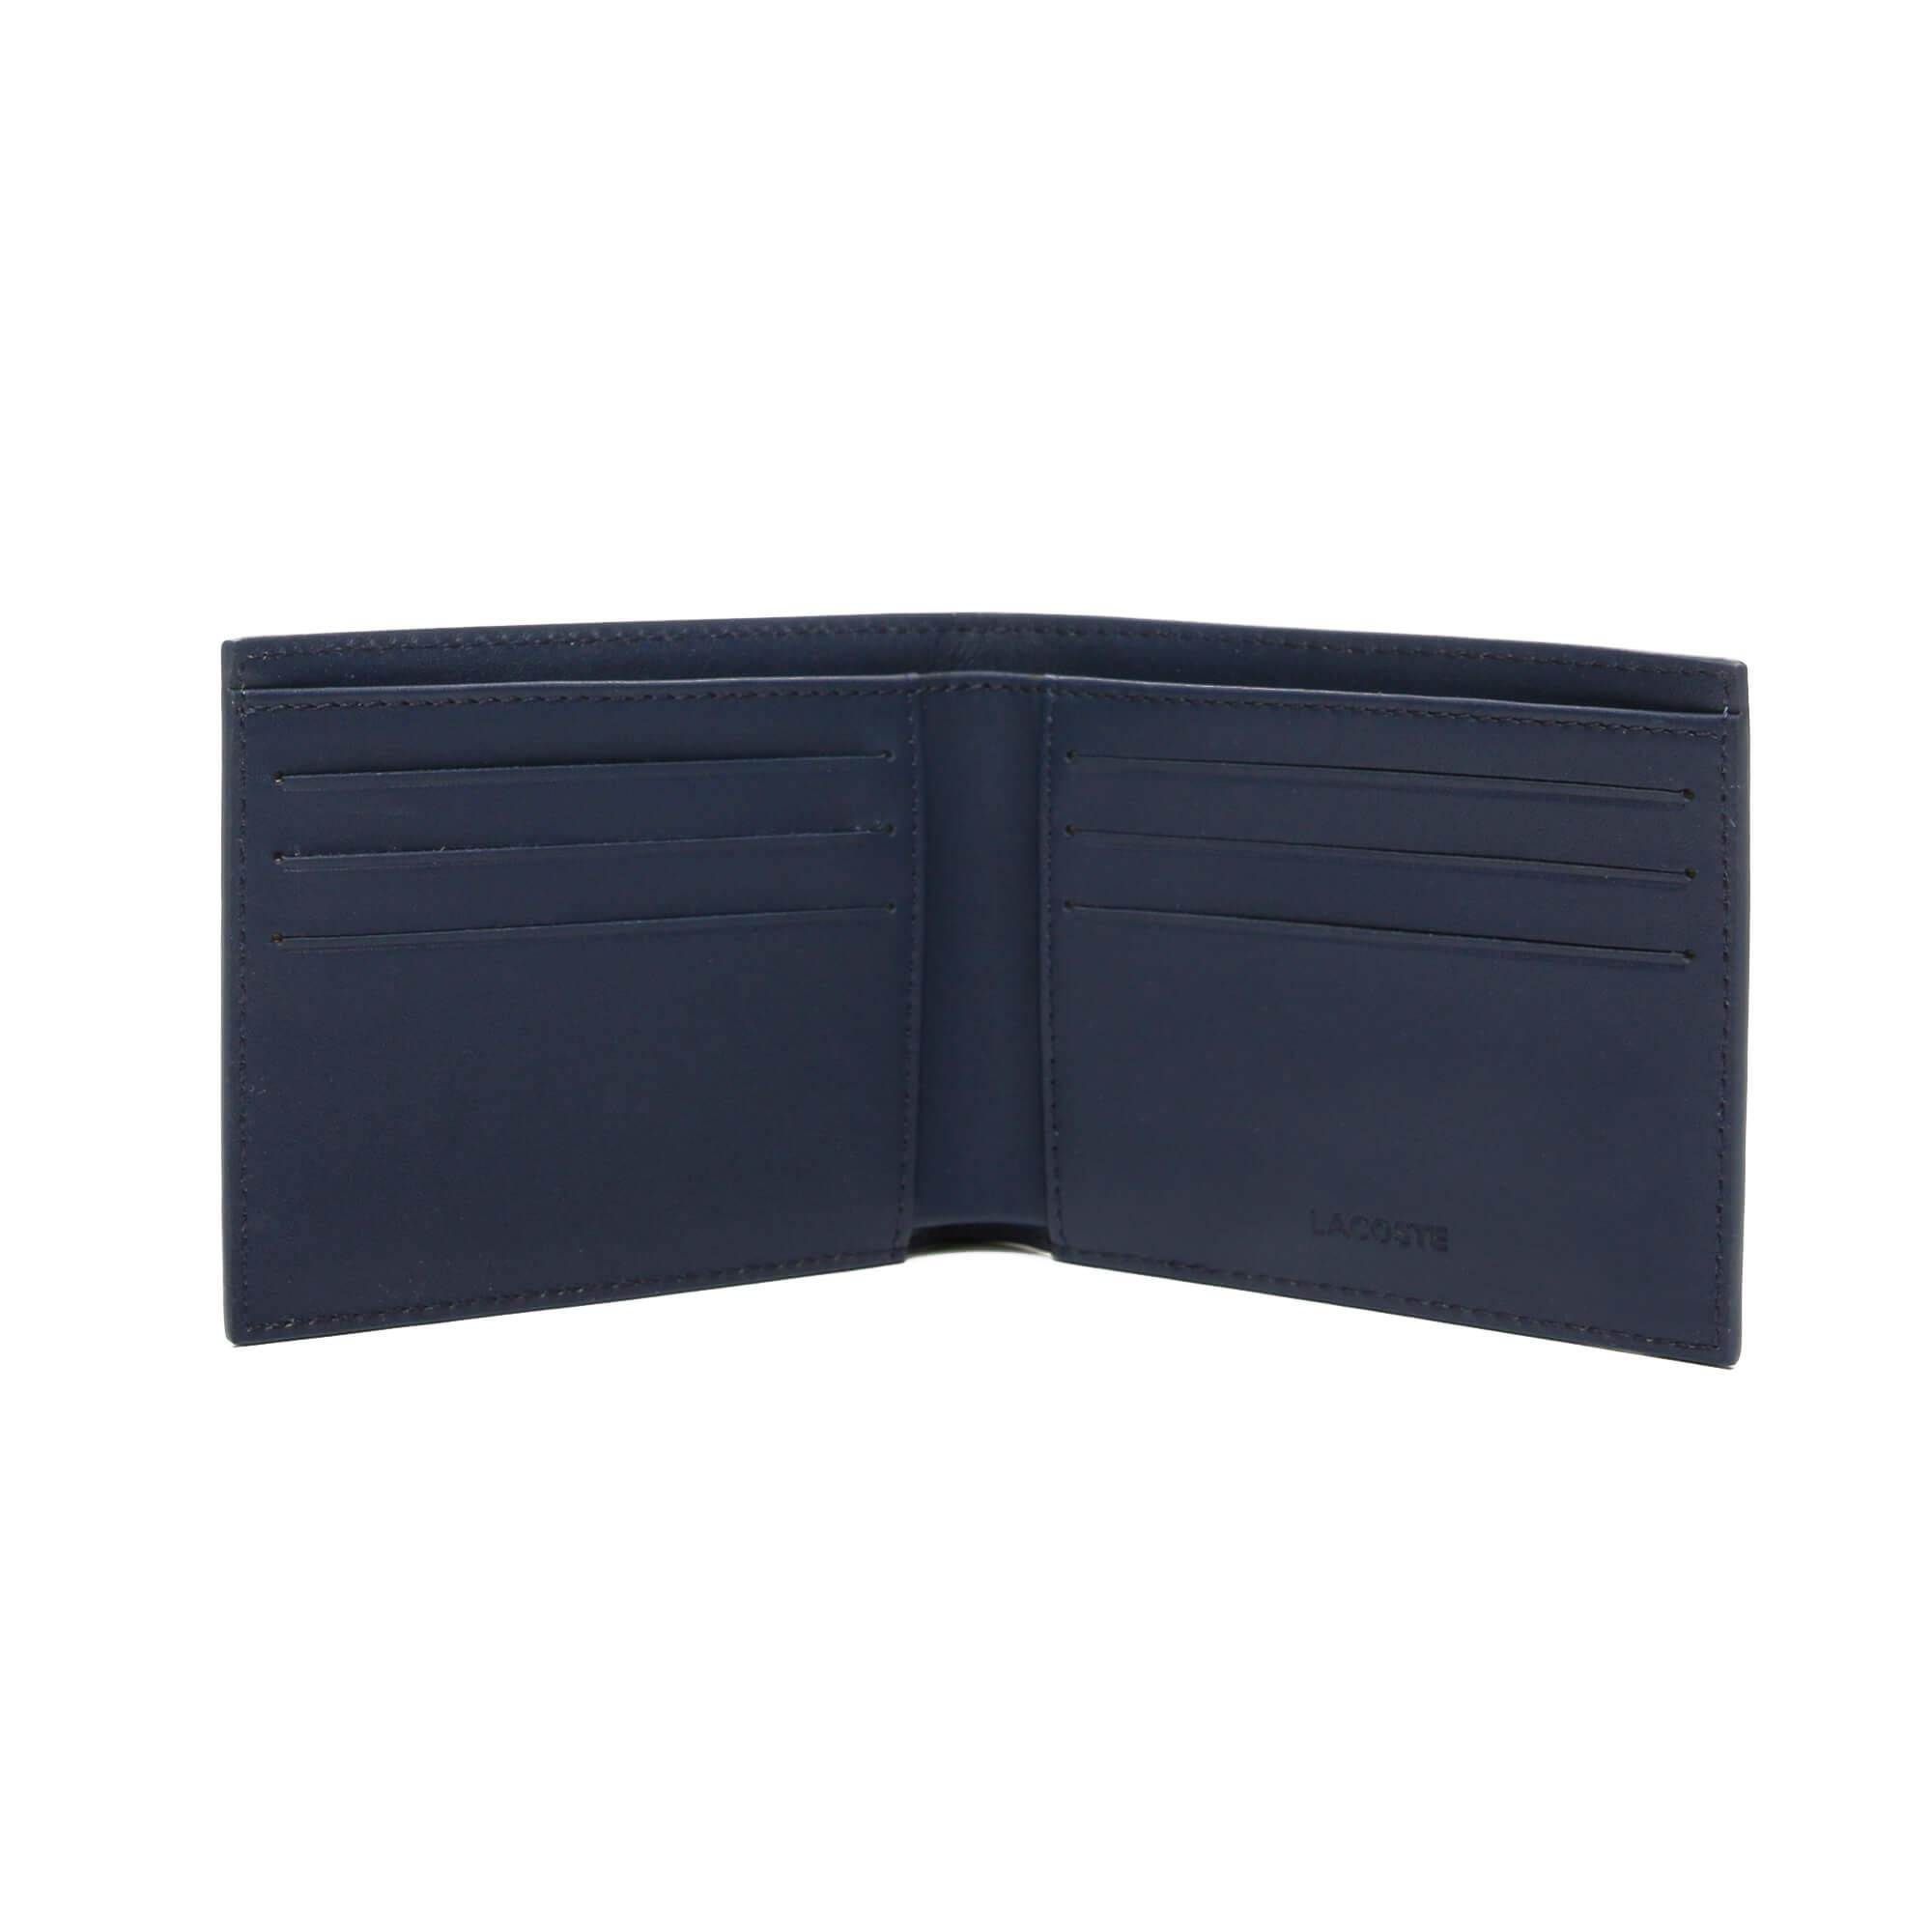 Lacoste Men's Fitzgerald Billfold in Leather